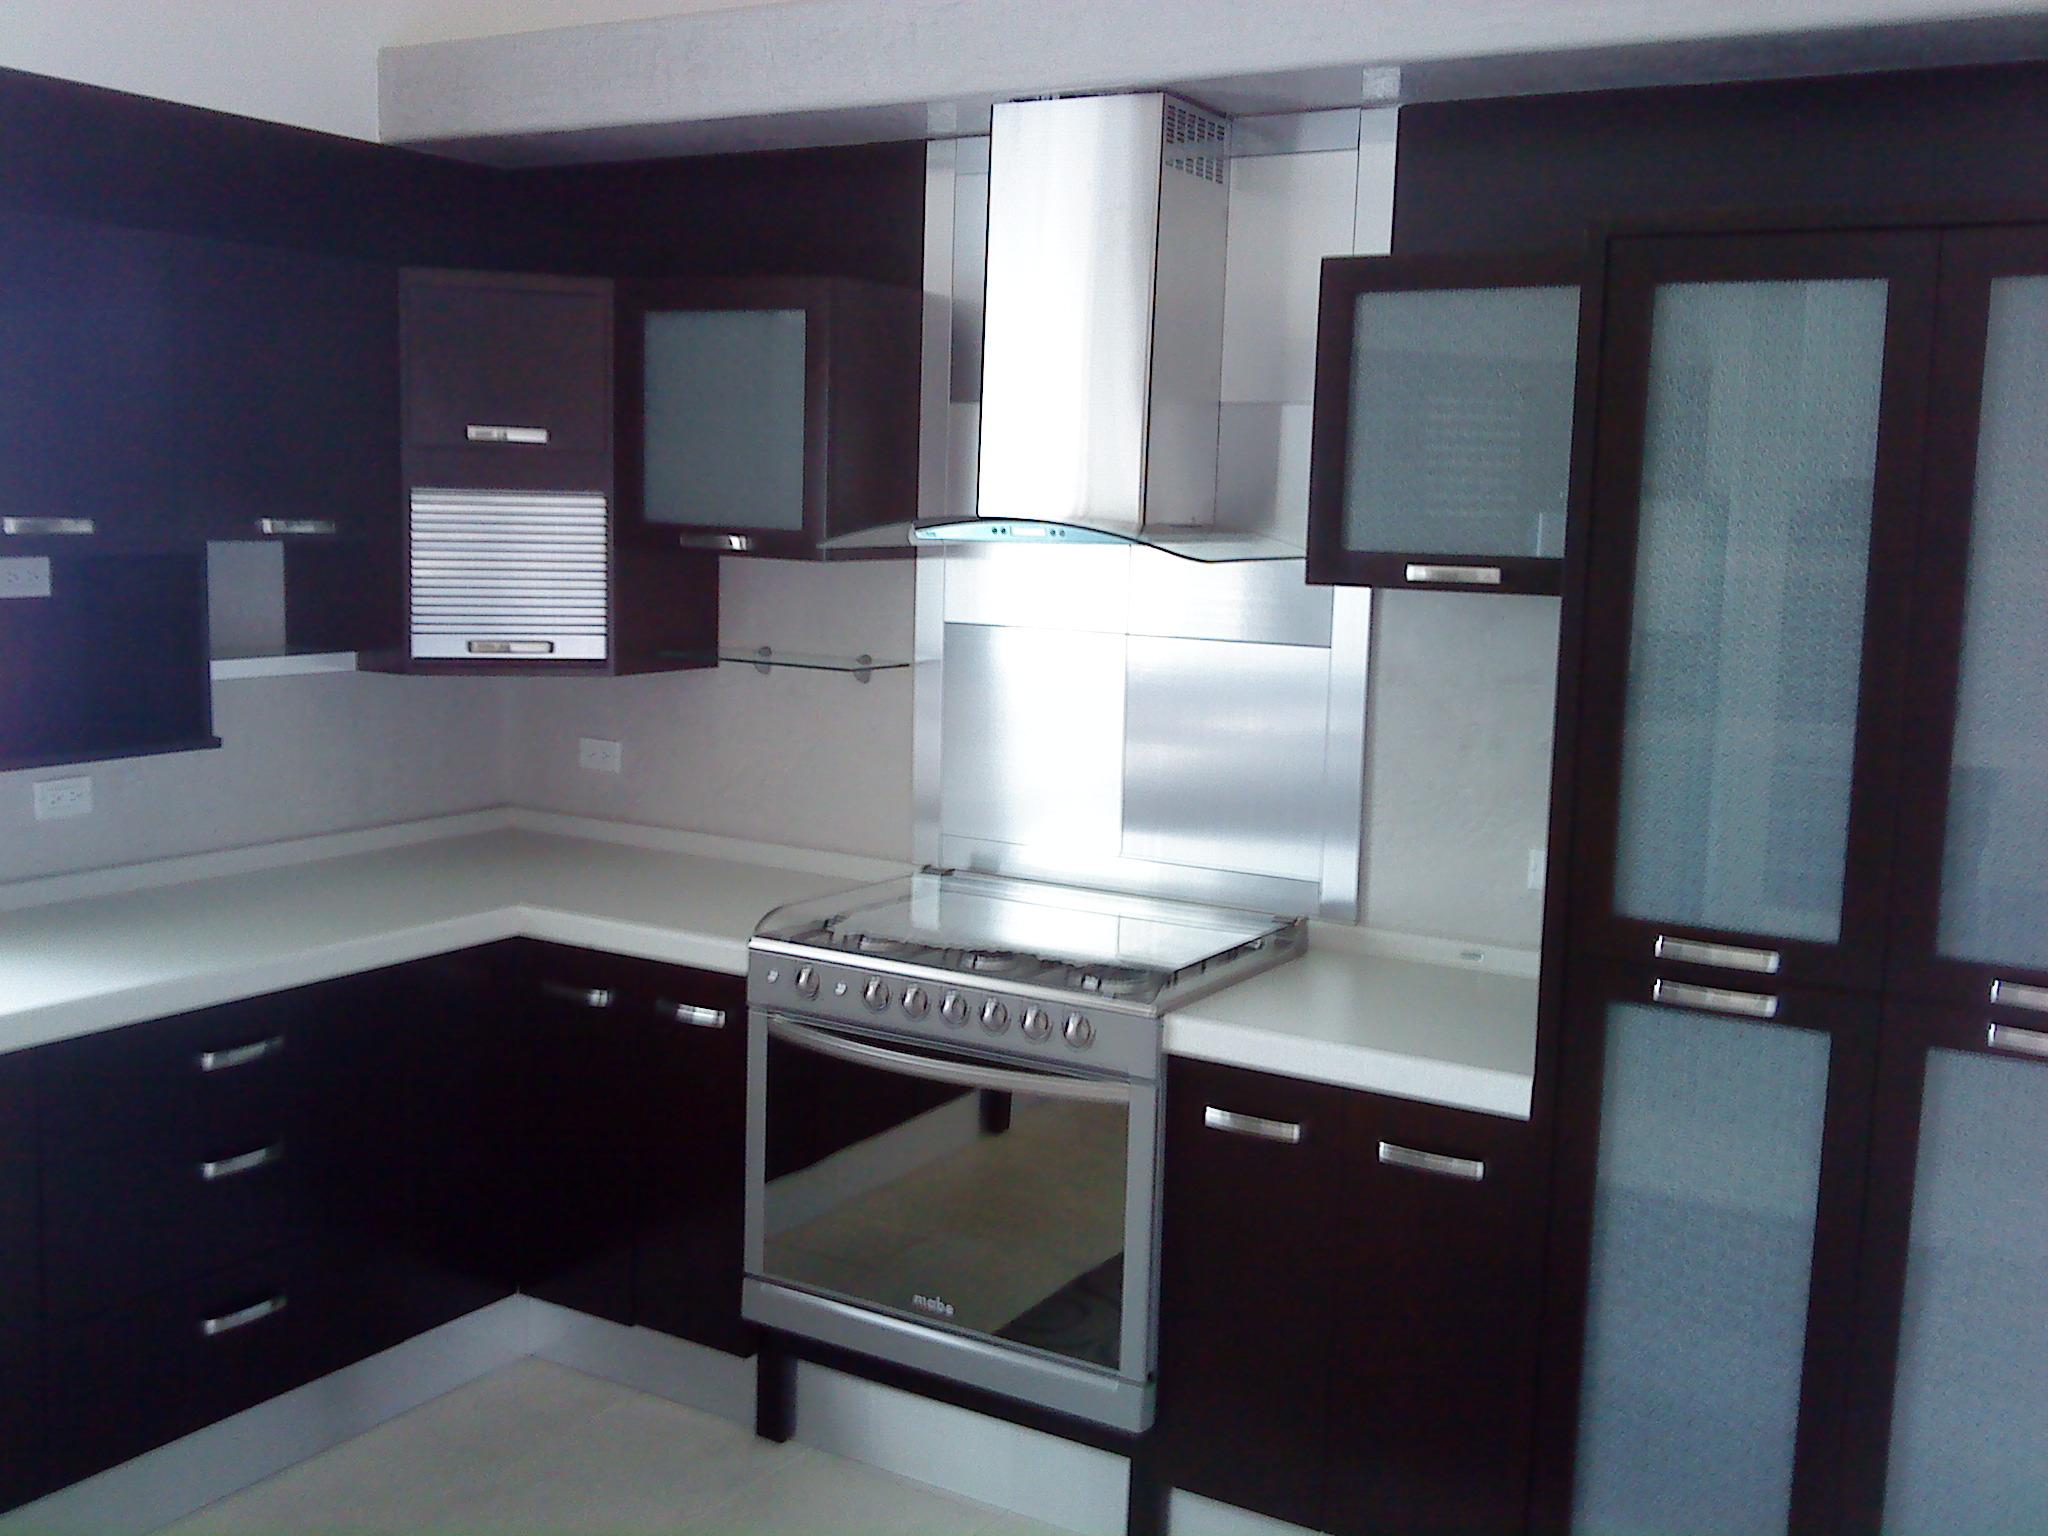 Imagenes de muebles de cocina modulares - Muebles de cocina modulares ...